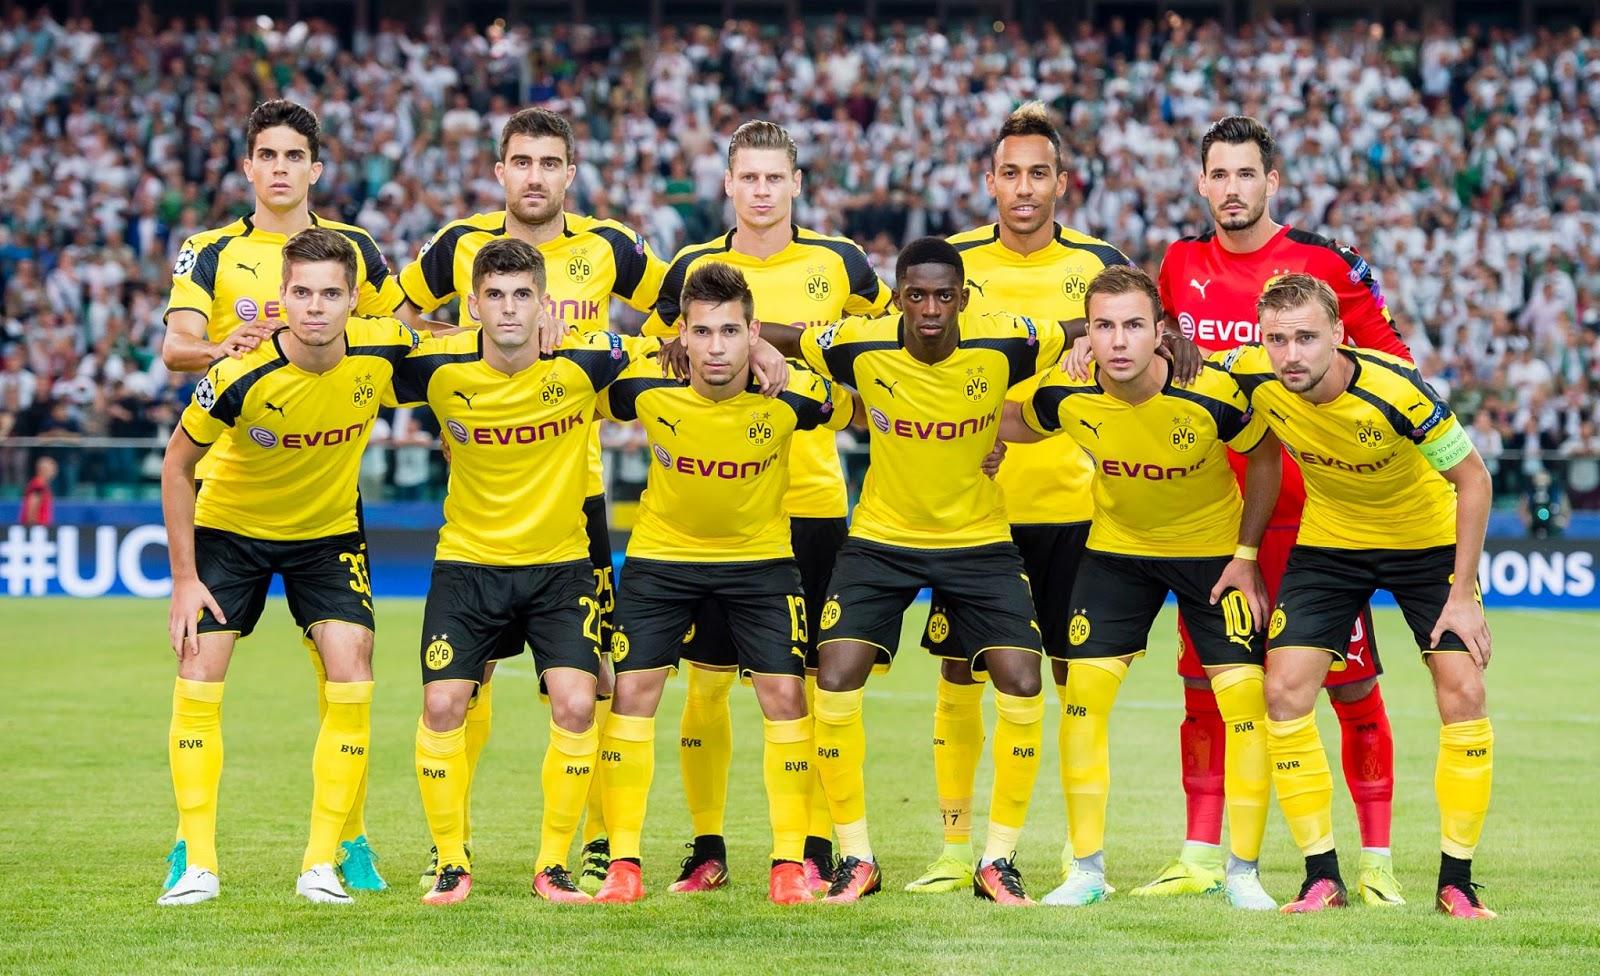 លទ្ធផលរូបភាពសម្រាប់ Dortmund team 2017